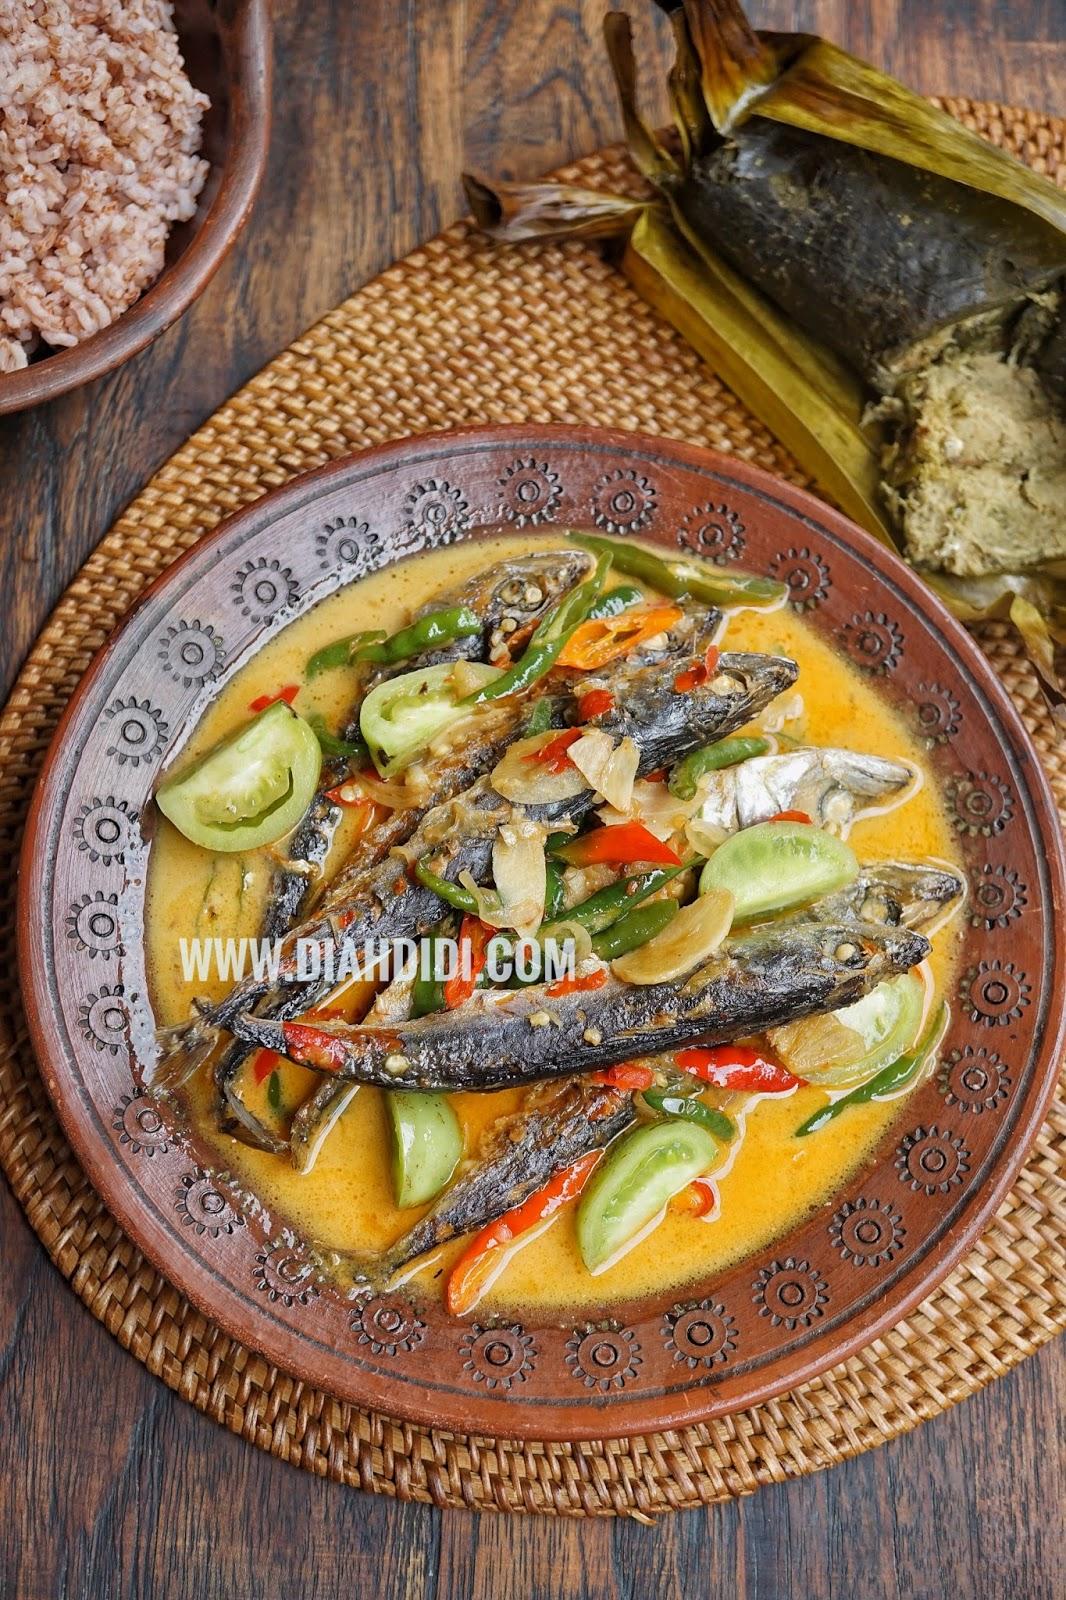 Resep Masakan Ikan Tongkol Pindang - Masak Memasak